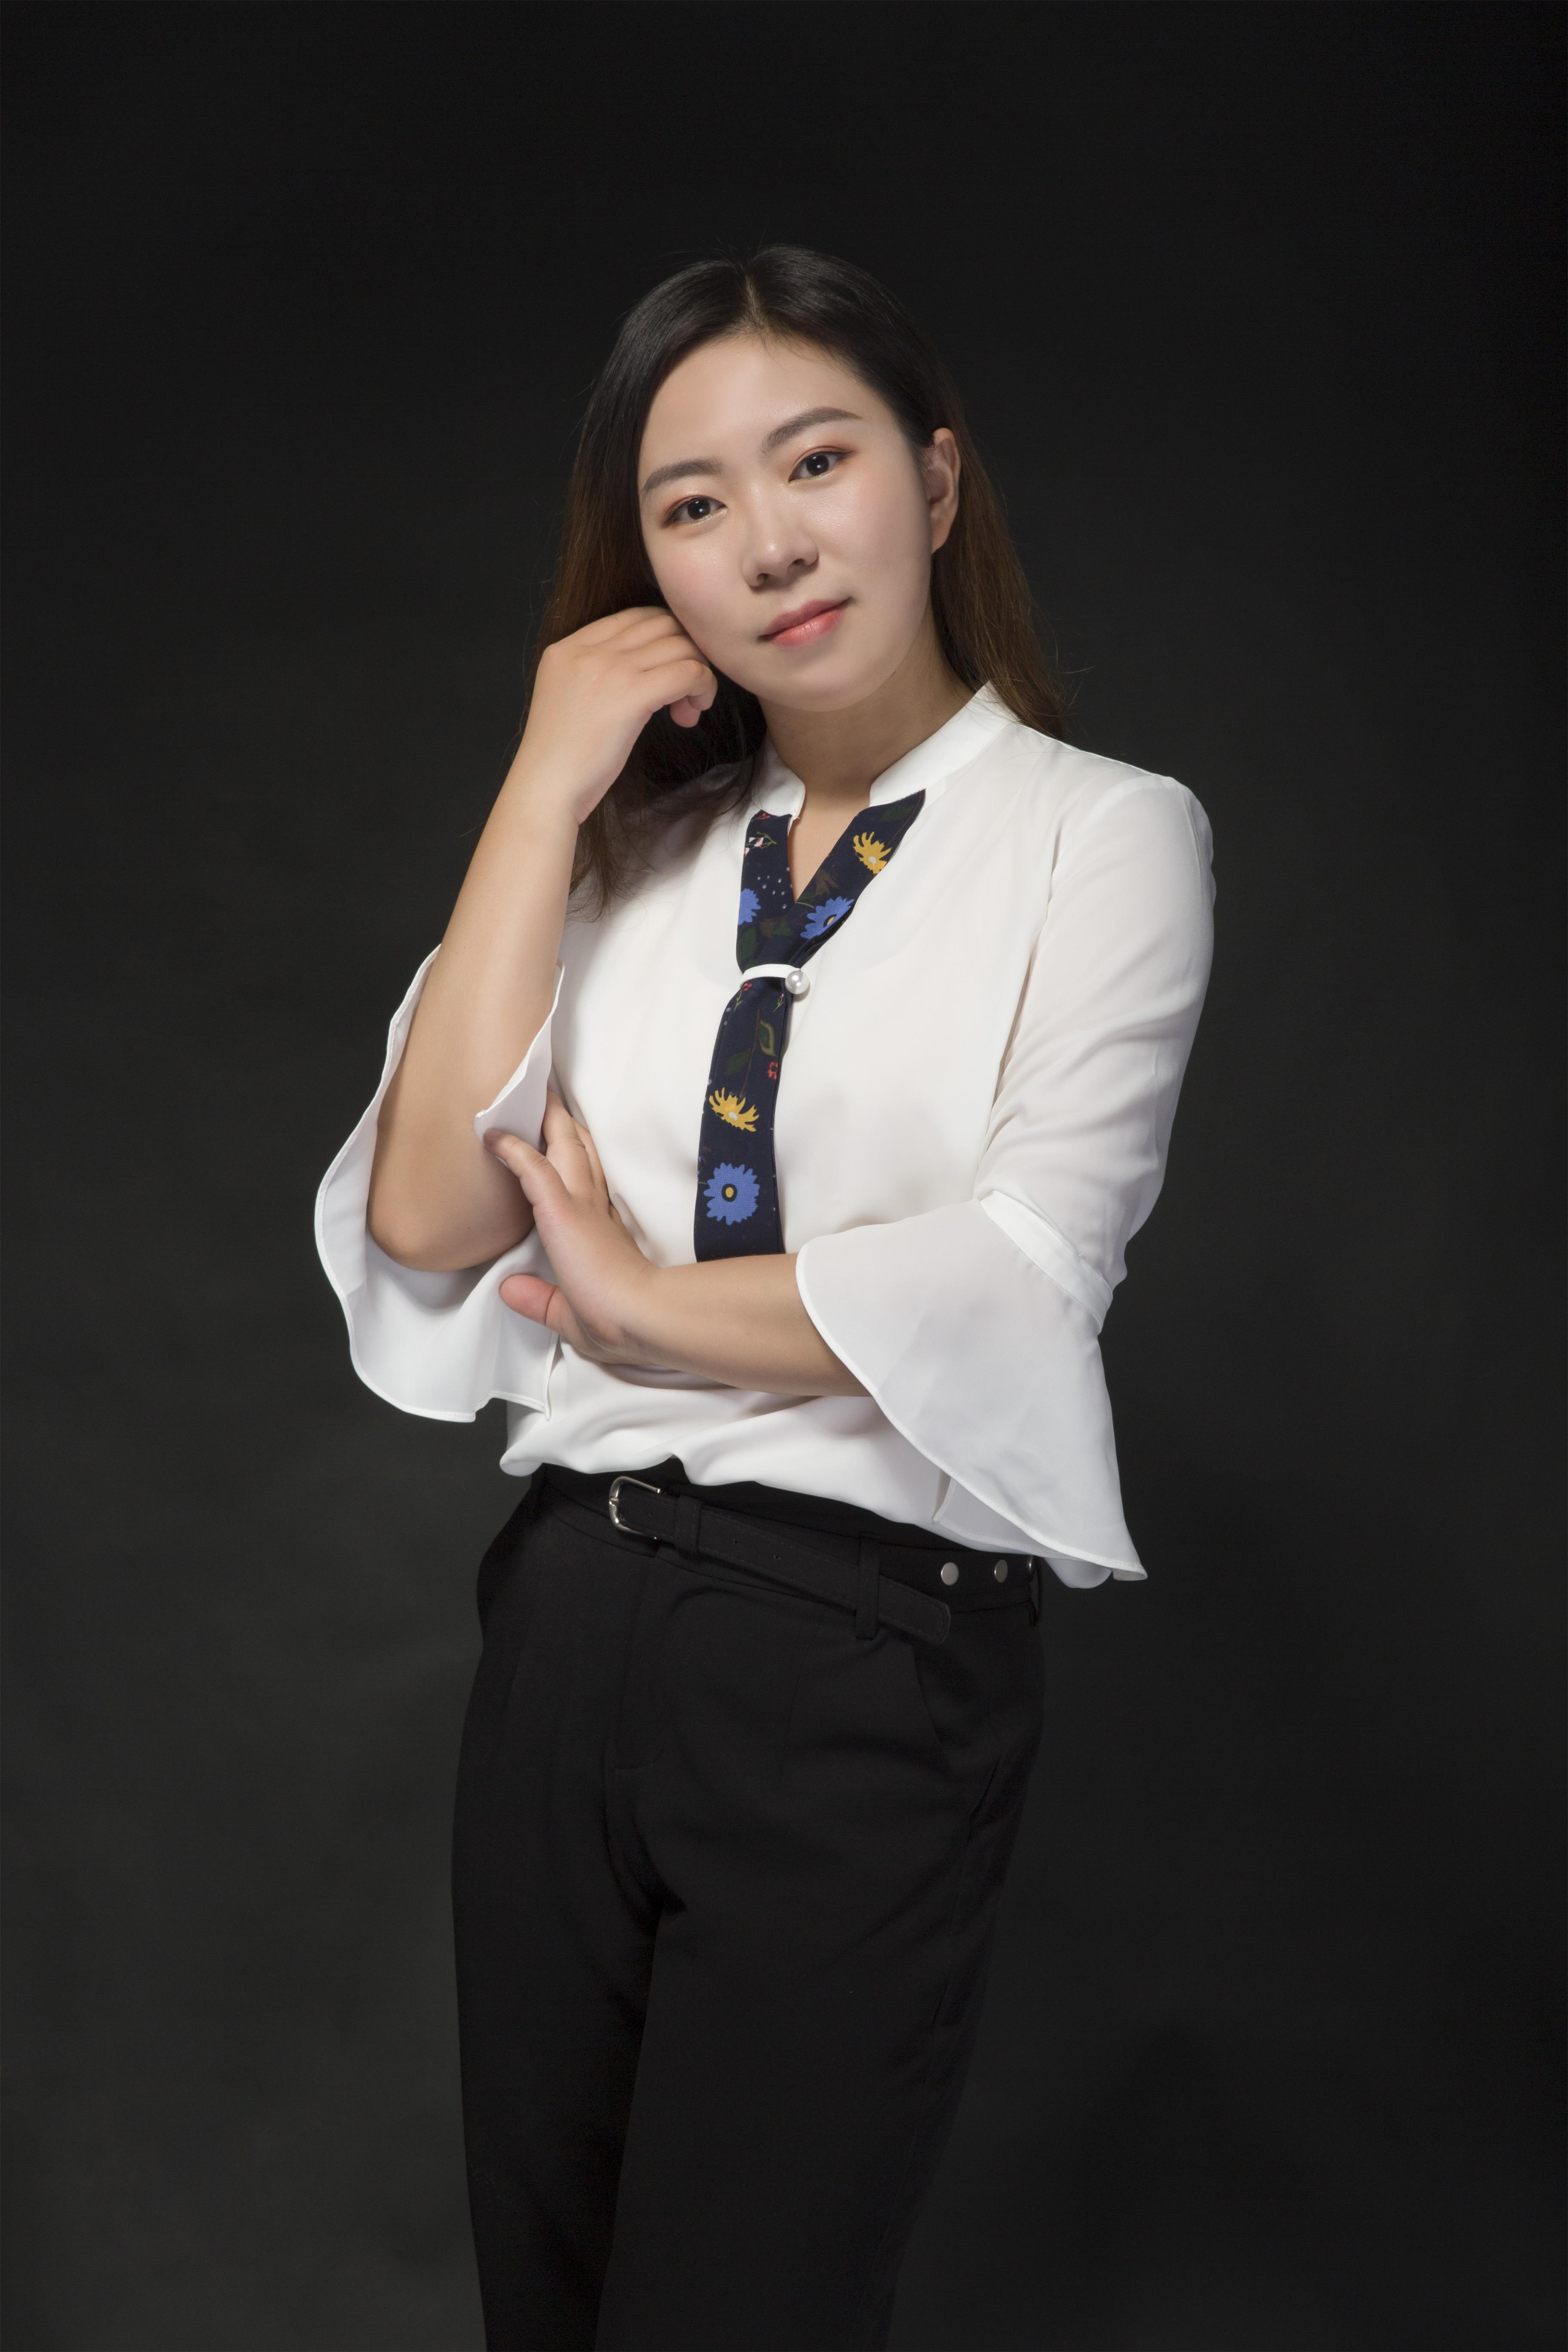 锦华装饰设计师-江莉